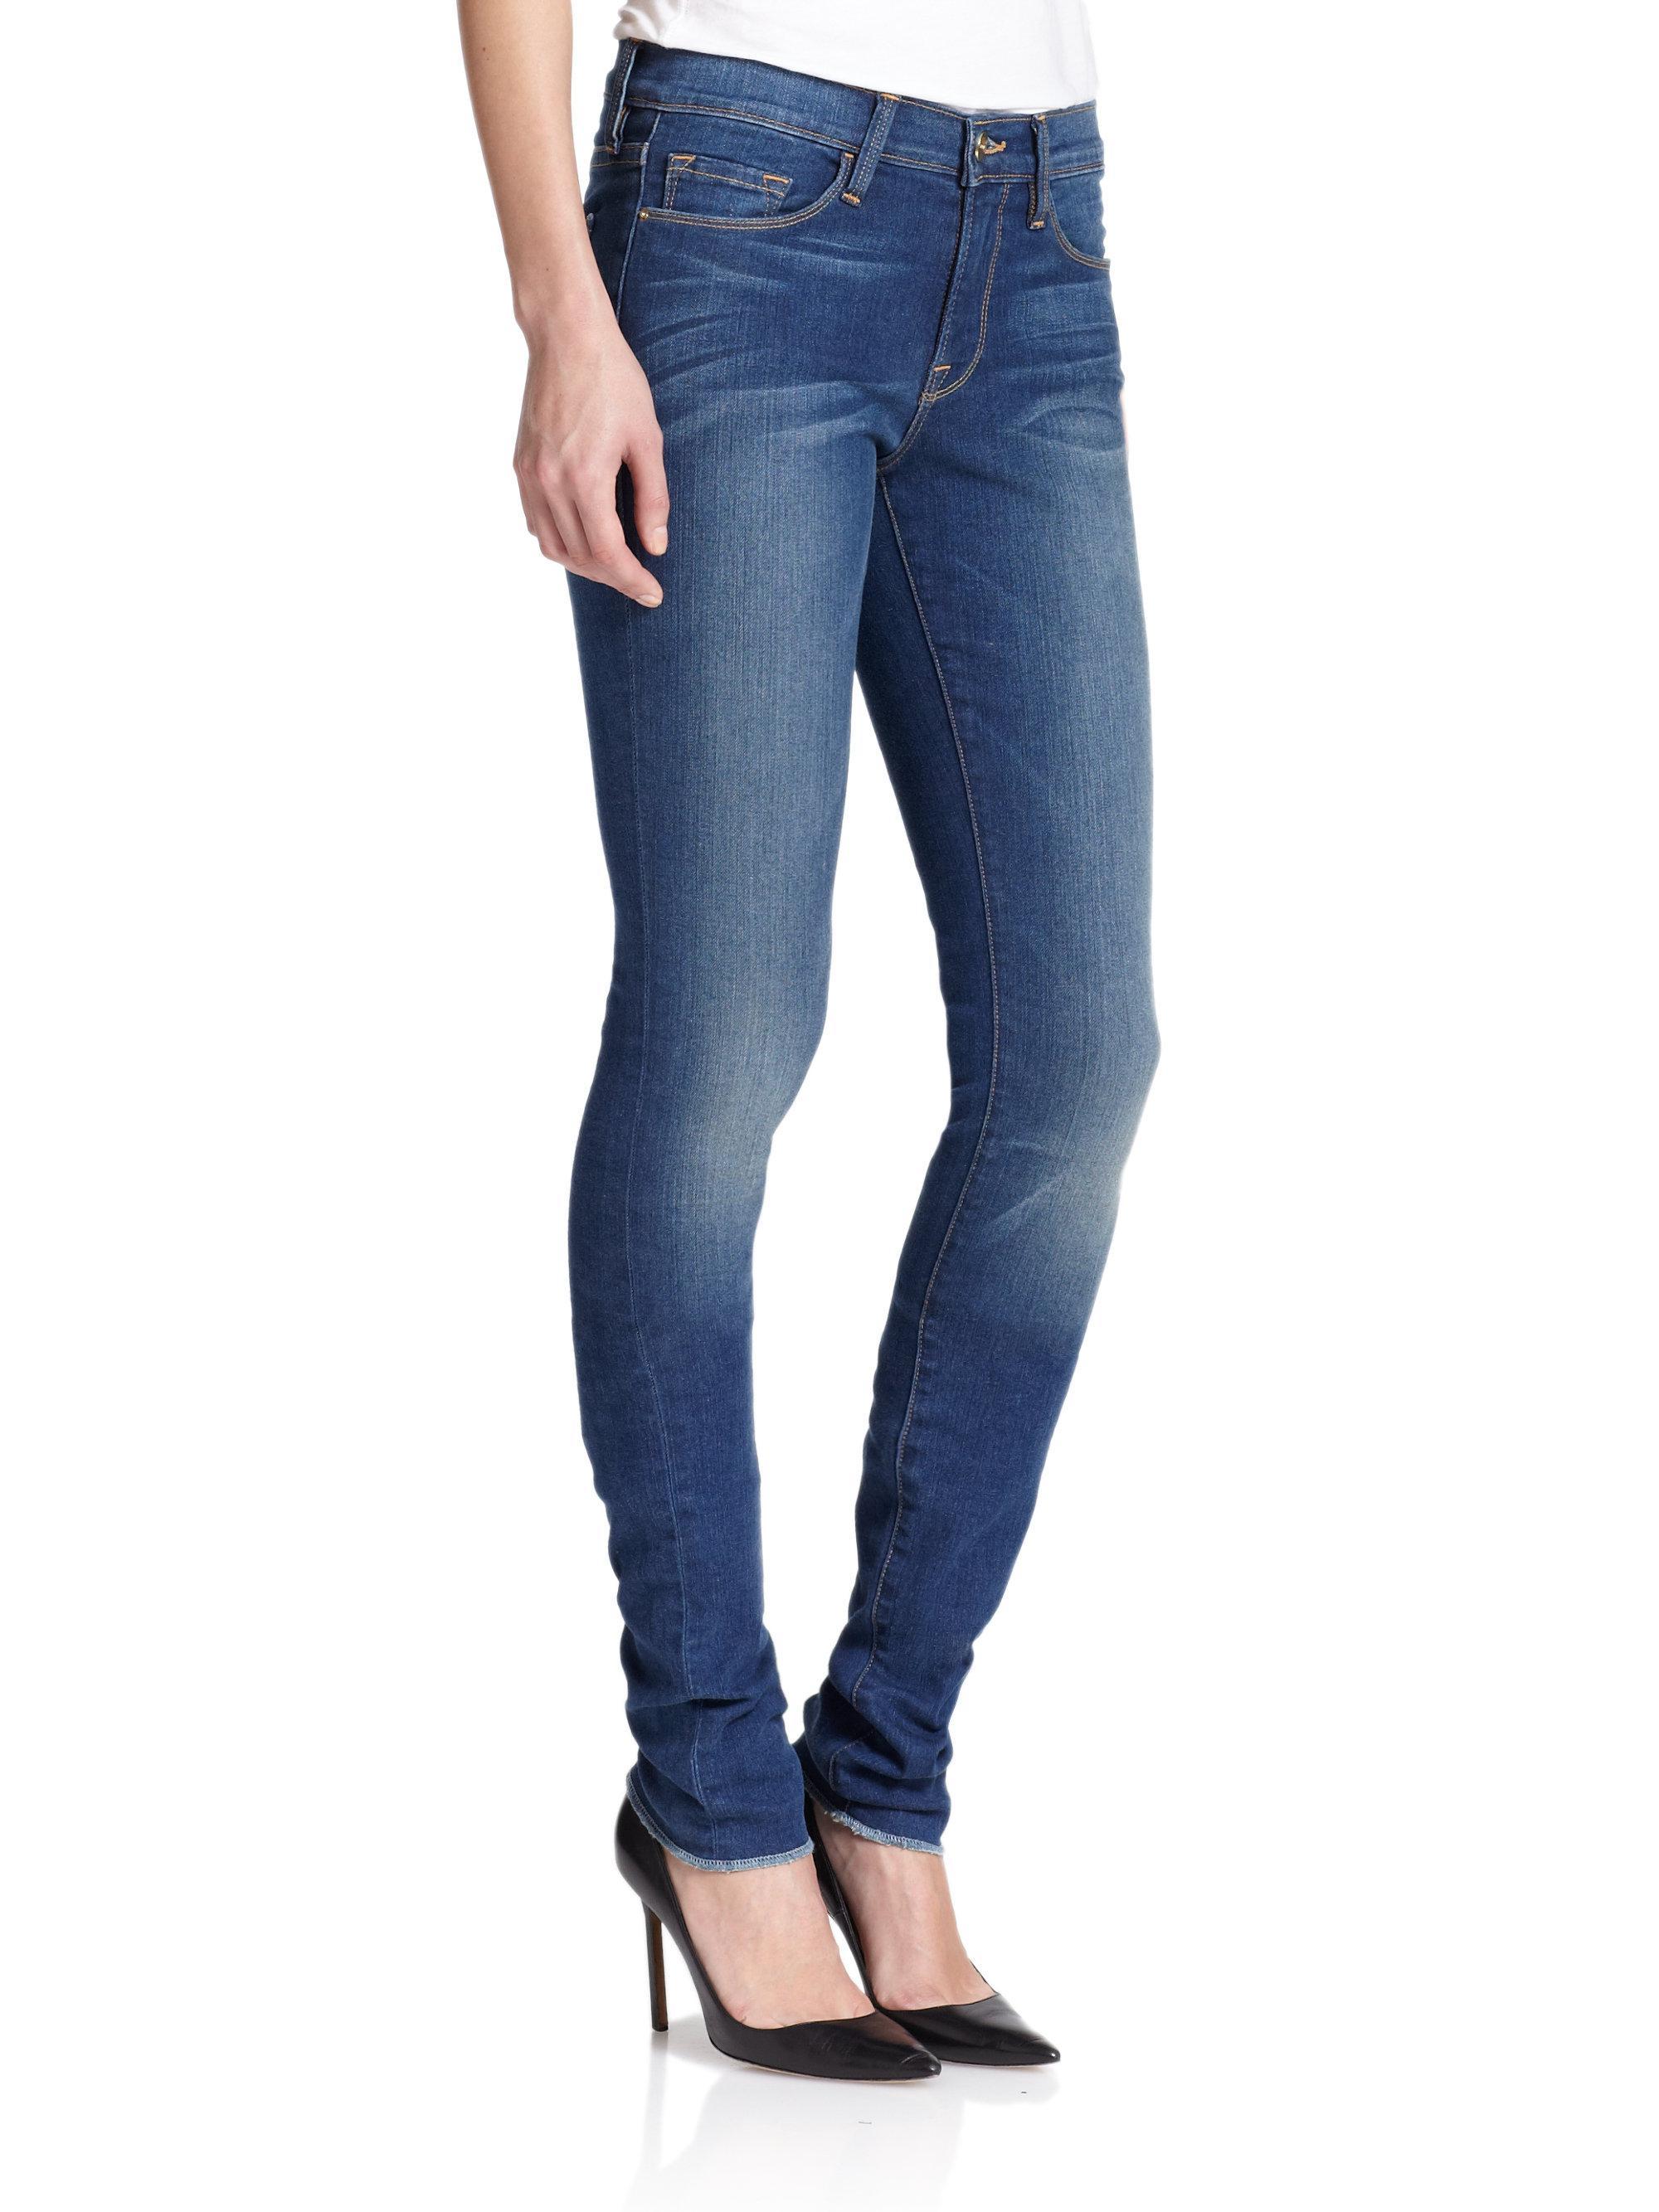 Lyst - Frame Le Skinny Forever Karlie Supermodel Length Jeans in Blue